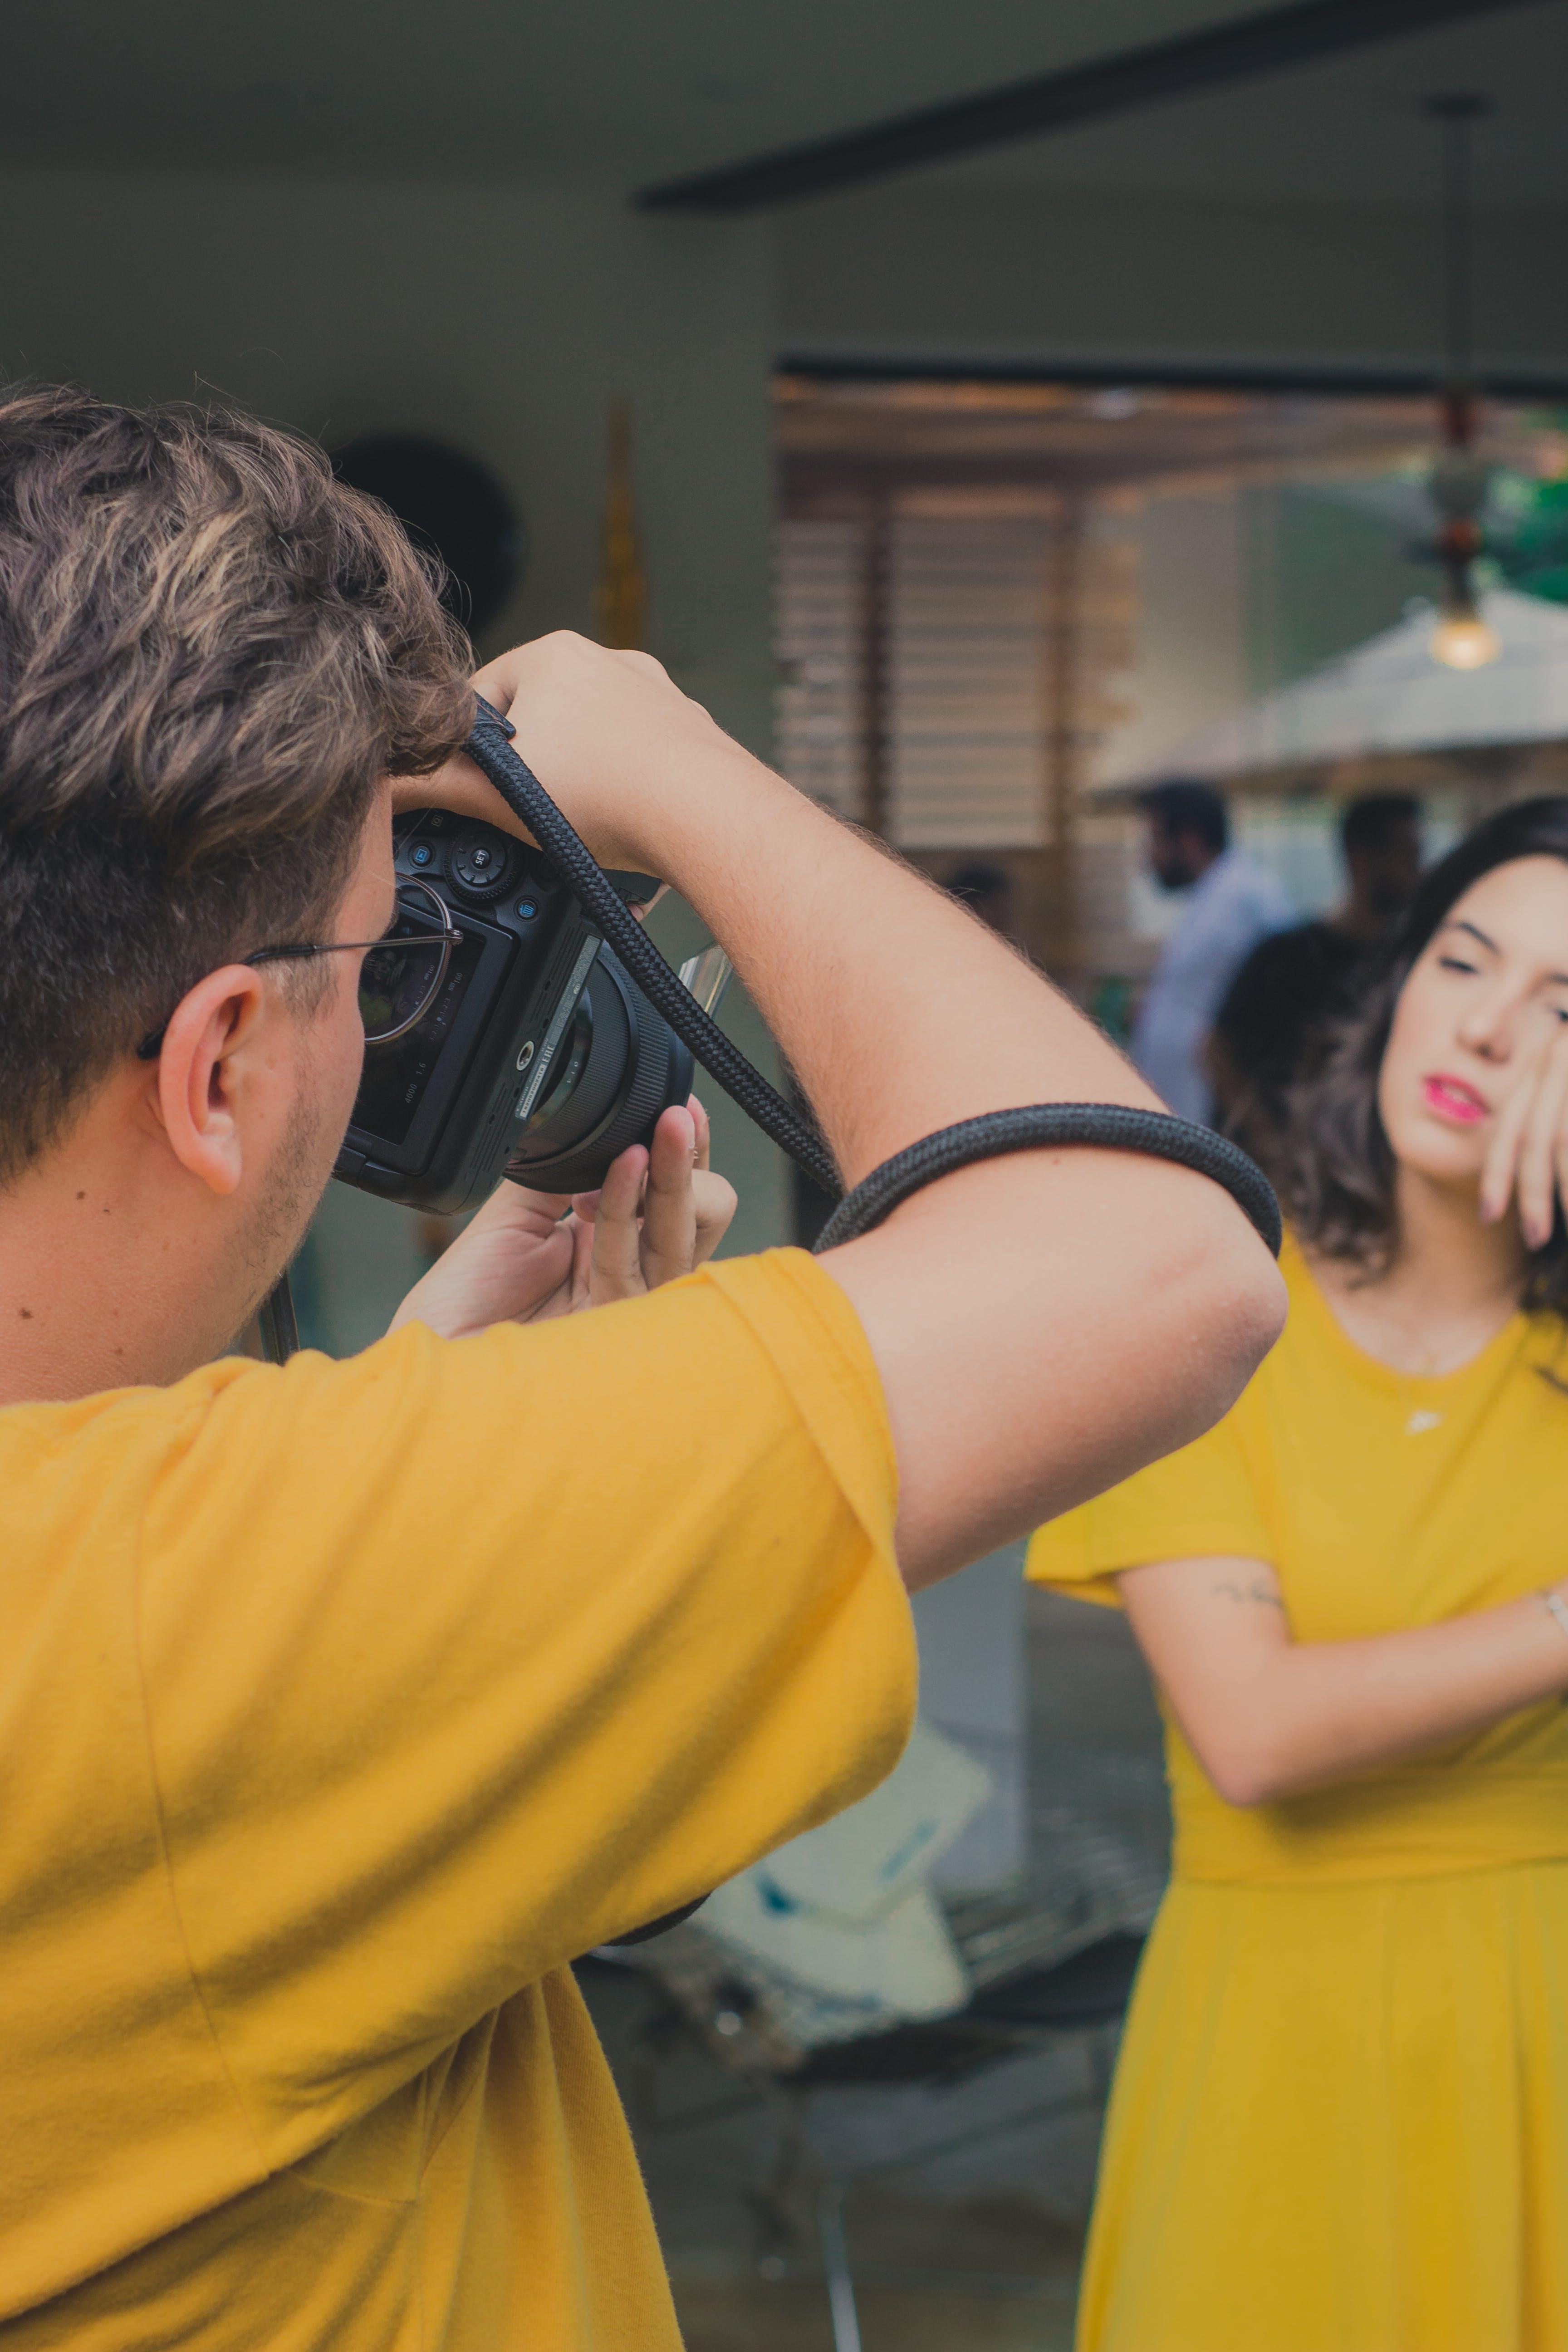 おとこ, 写真を撮ります, 写真家, 女性の無料の写真素材